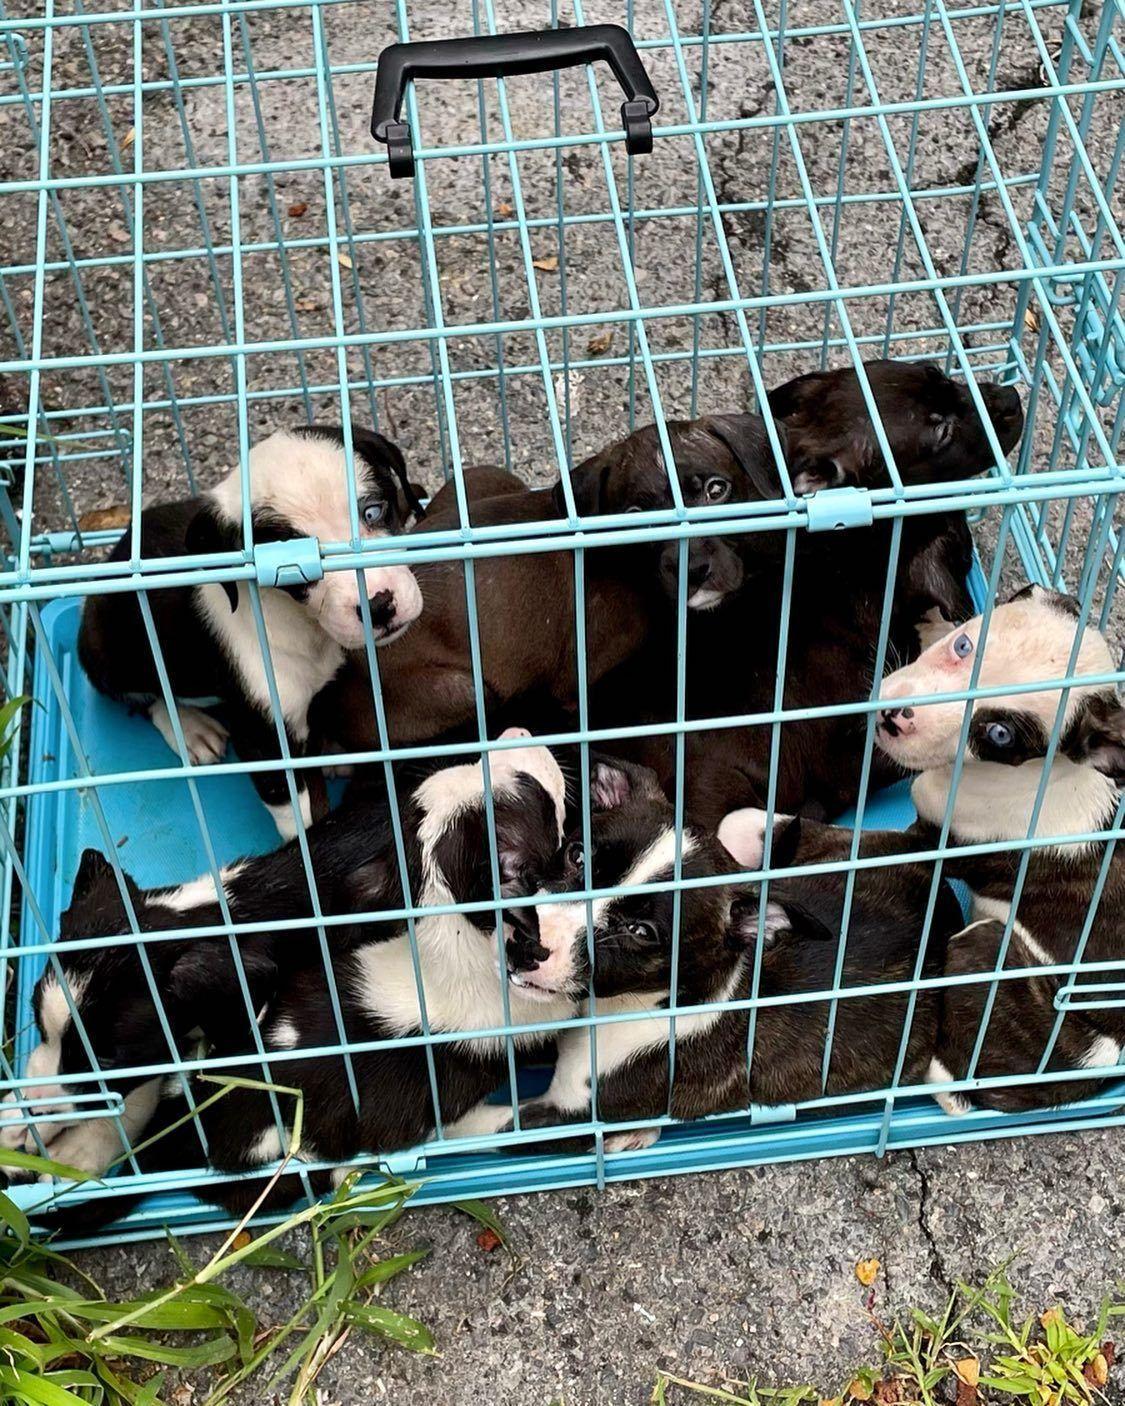 8 Tiny Puppies